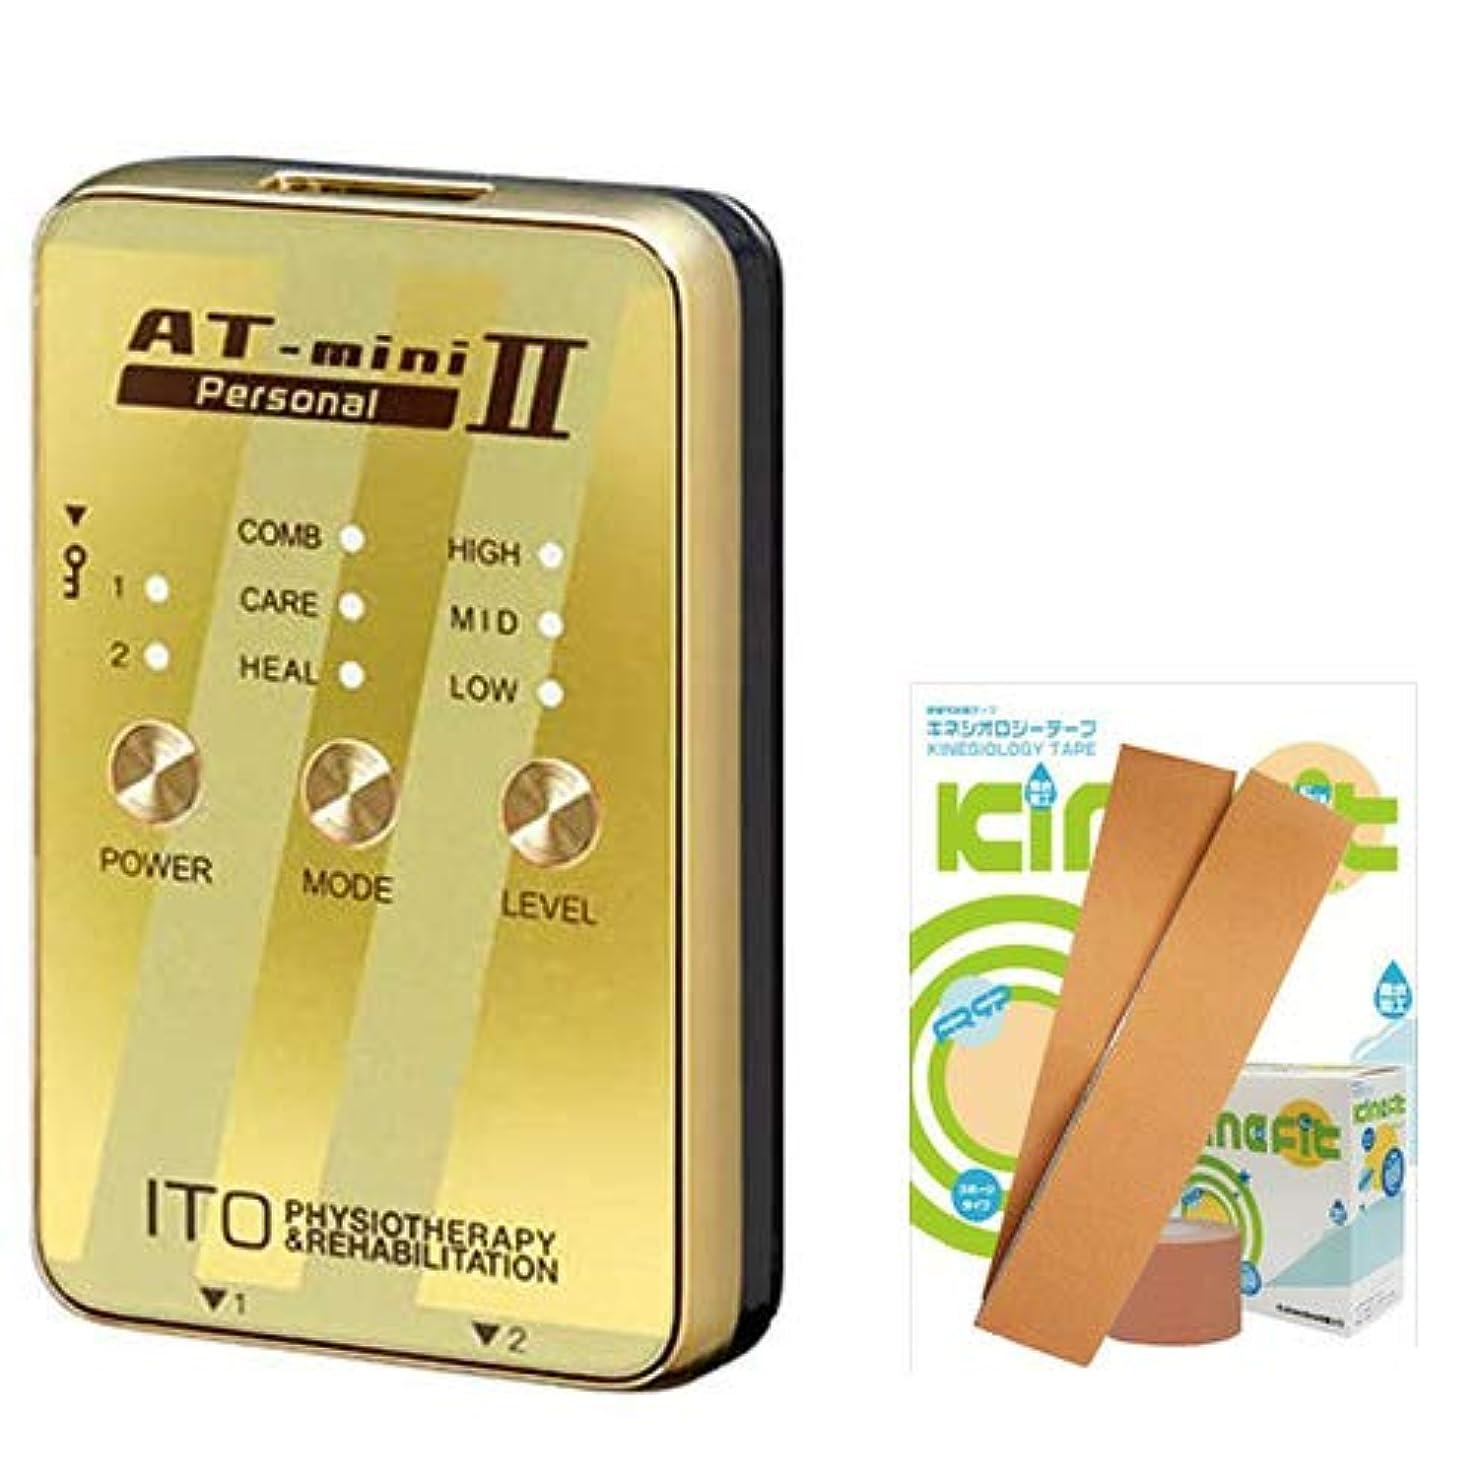 科学ベックス磁石低周波治療器 AT-mini personal II ゴールド (ATミニパーソナル2) +キネフィットテープ50cmセット